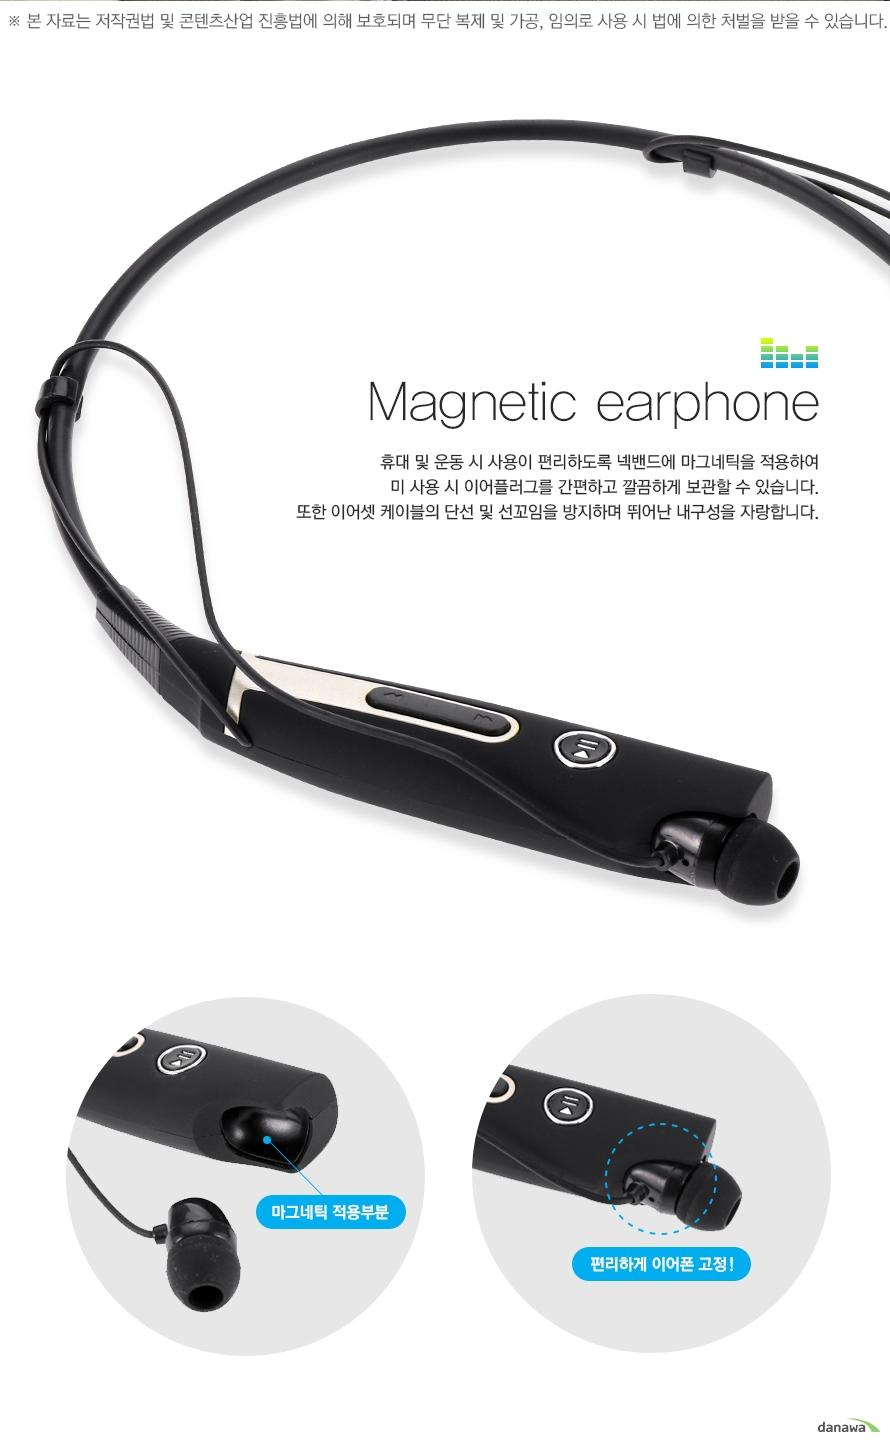 magnetic earphone 휴대 및 운동 시 사용이 편리하도록 넥밴드에 마그네틱을 적용하여 미 사용 시 이어플러그를 간편하고 깔끔하게 보관할 수 잇습니다 또한 이어셋 케이블의 단선 및 선꼬임을 방지하며 뛰어난 내구성을 자랑합니다 마그네틱 적용부분 편리하게 이어폰 고정